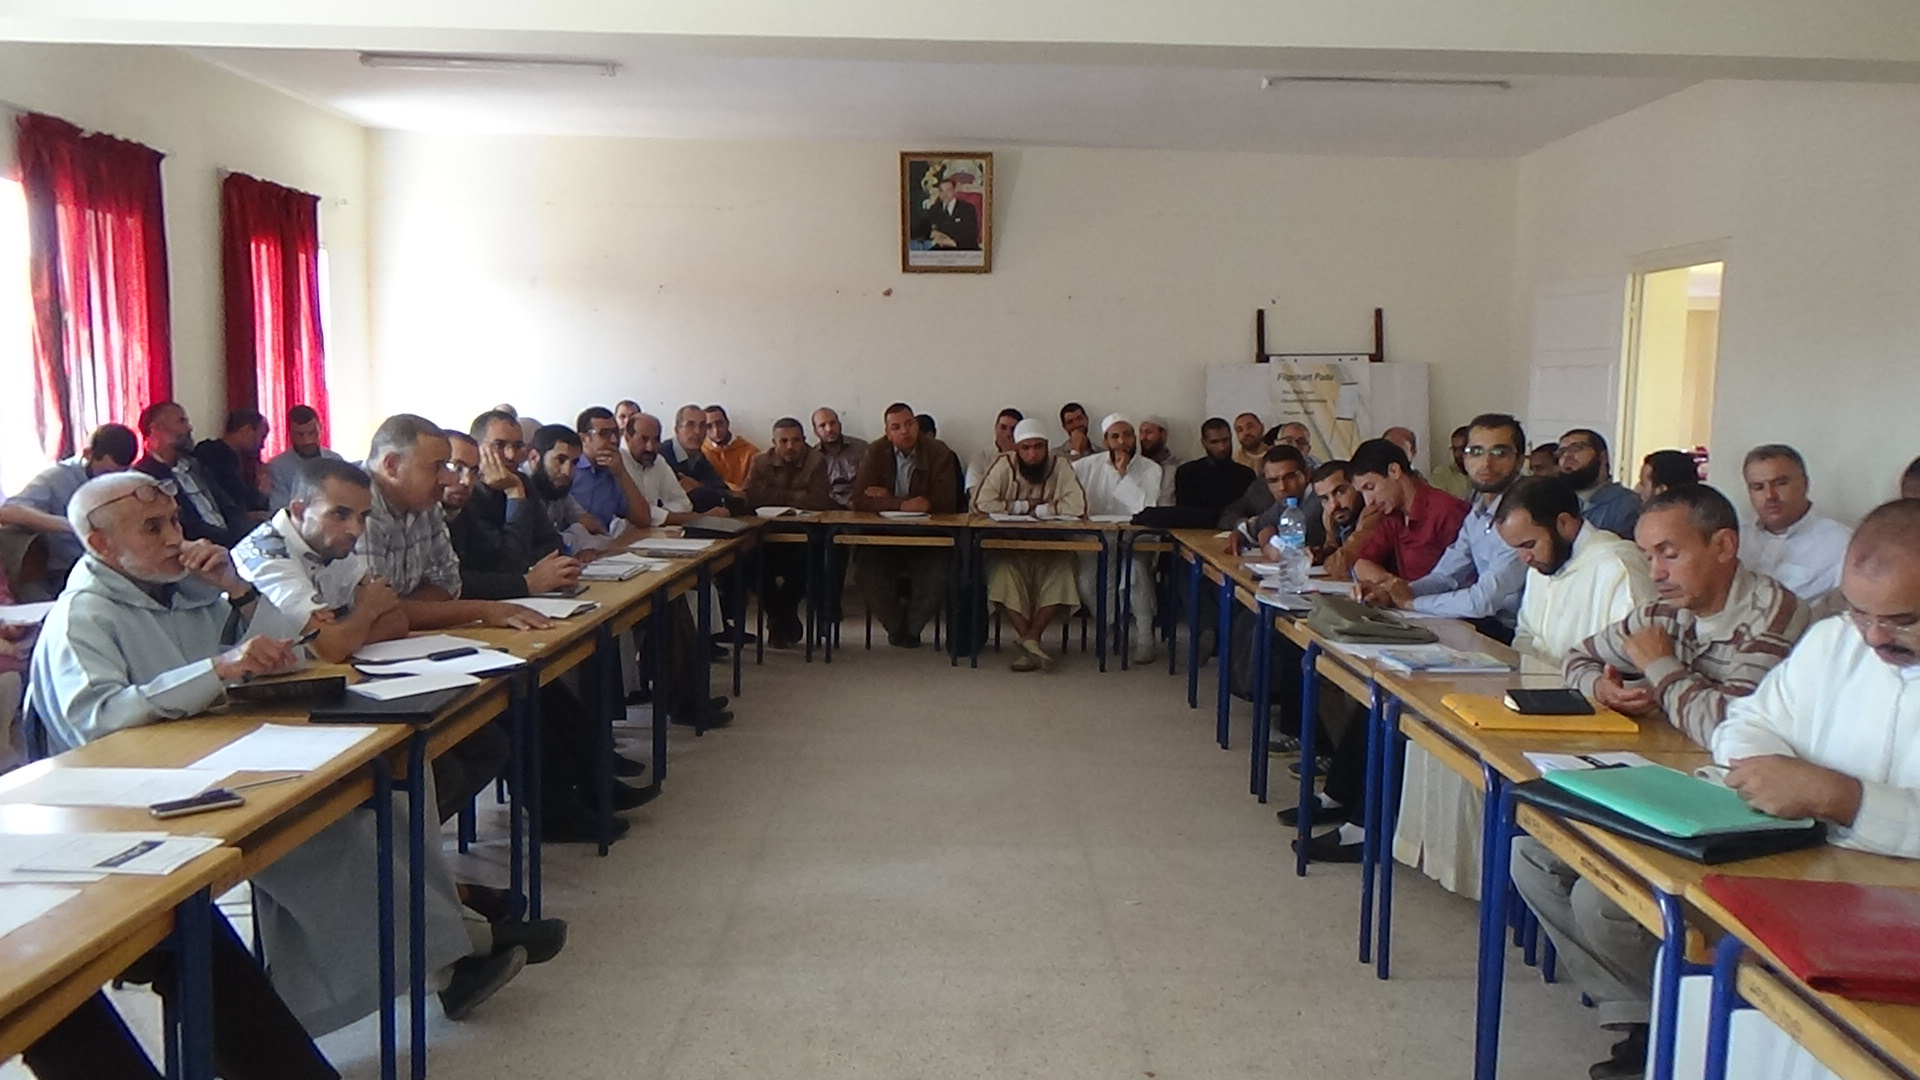 بيوكرى: تقريب المنهاج الجديد لمادة التربية الاسلامية